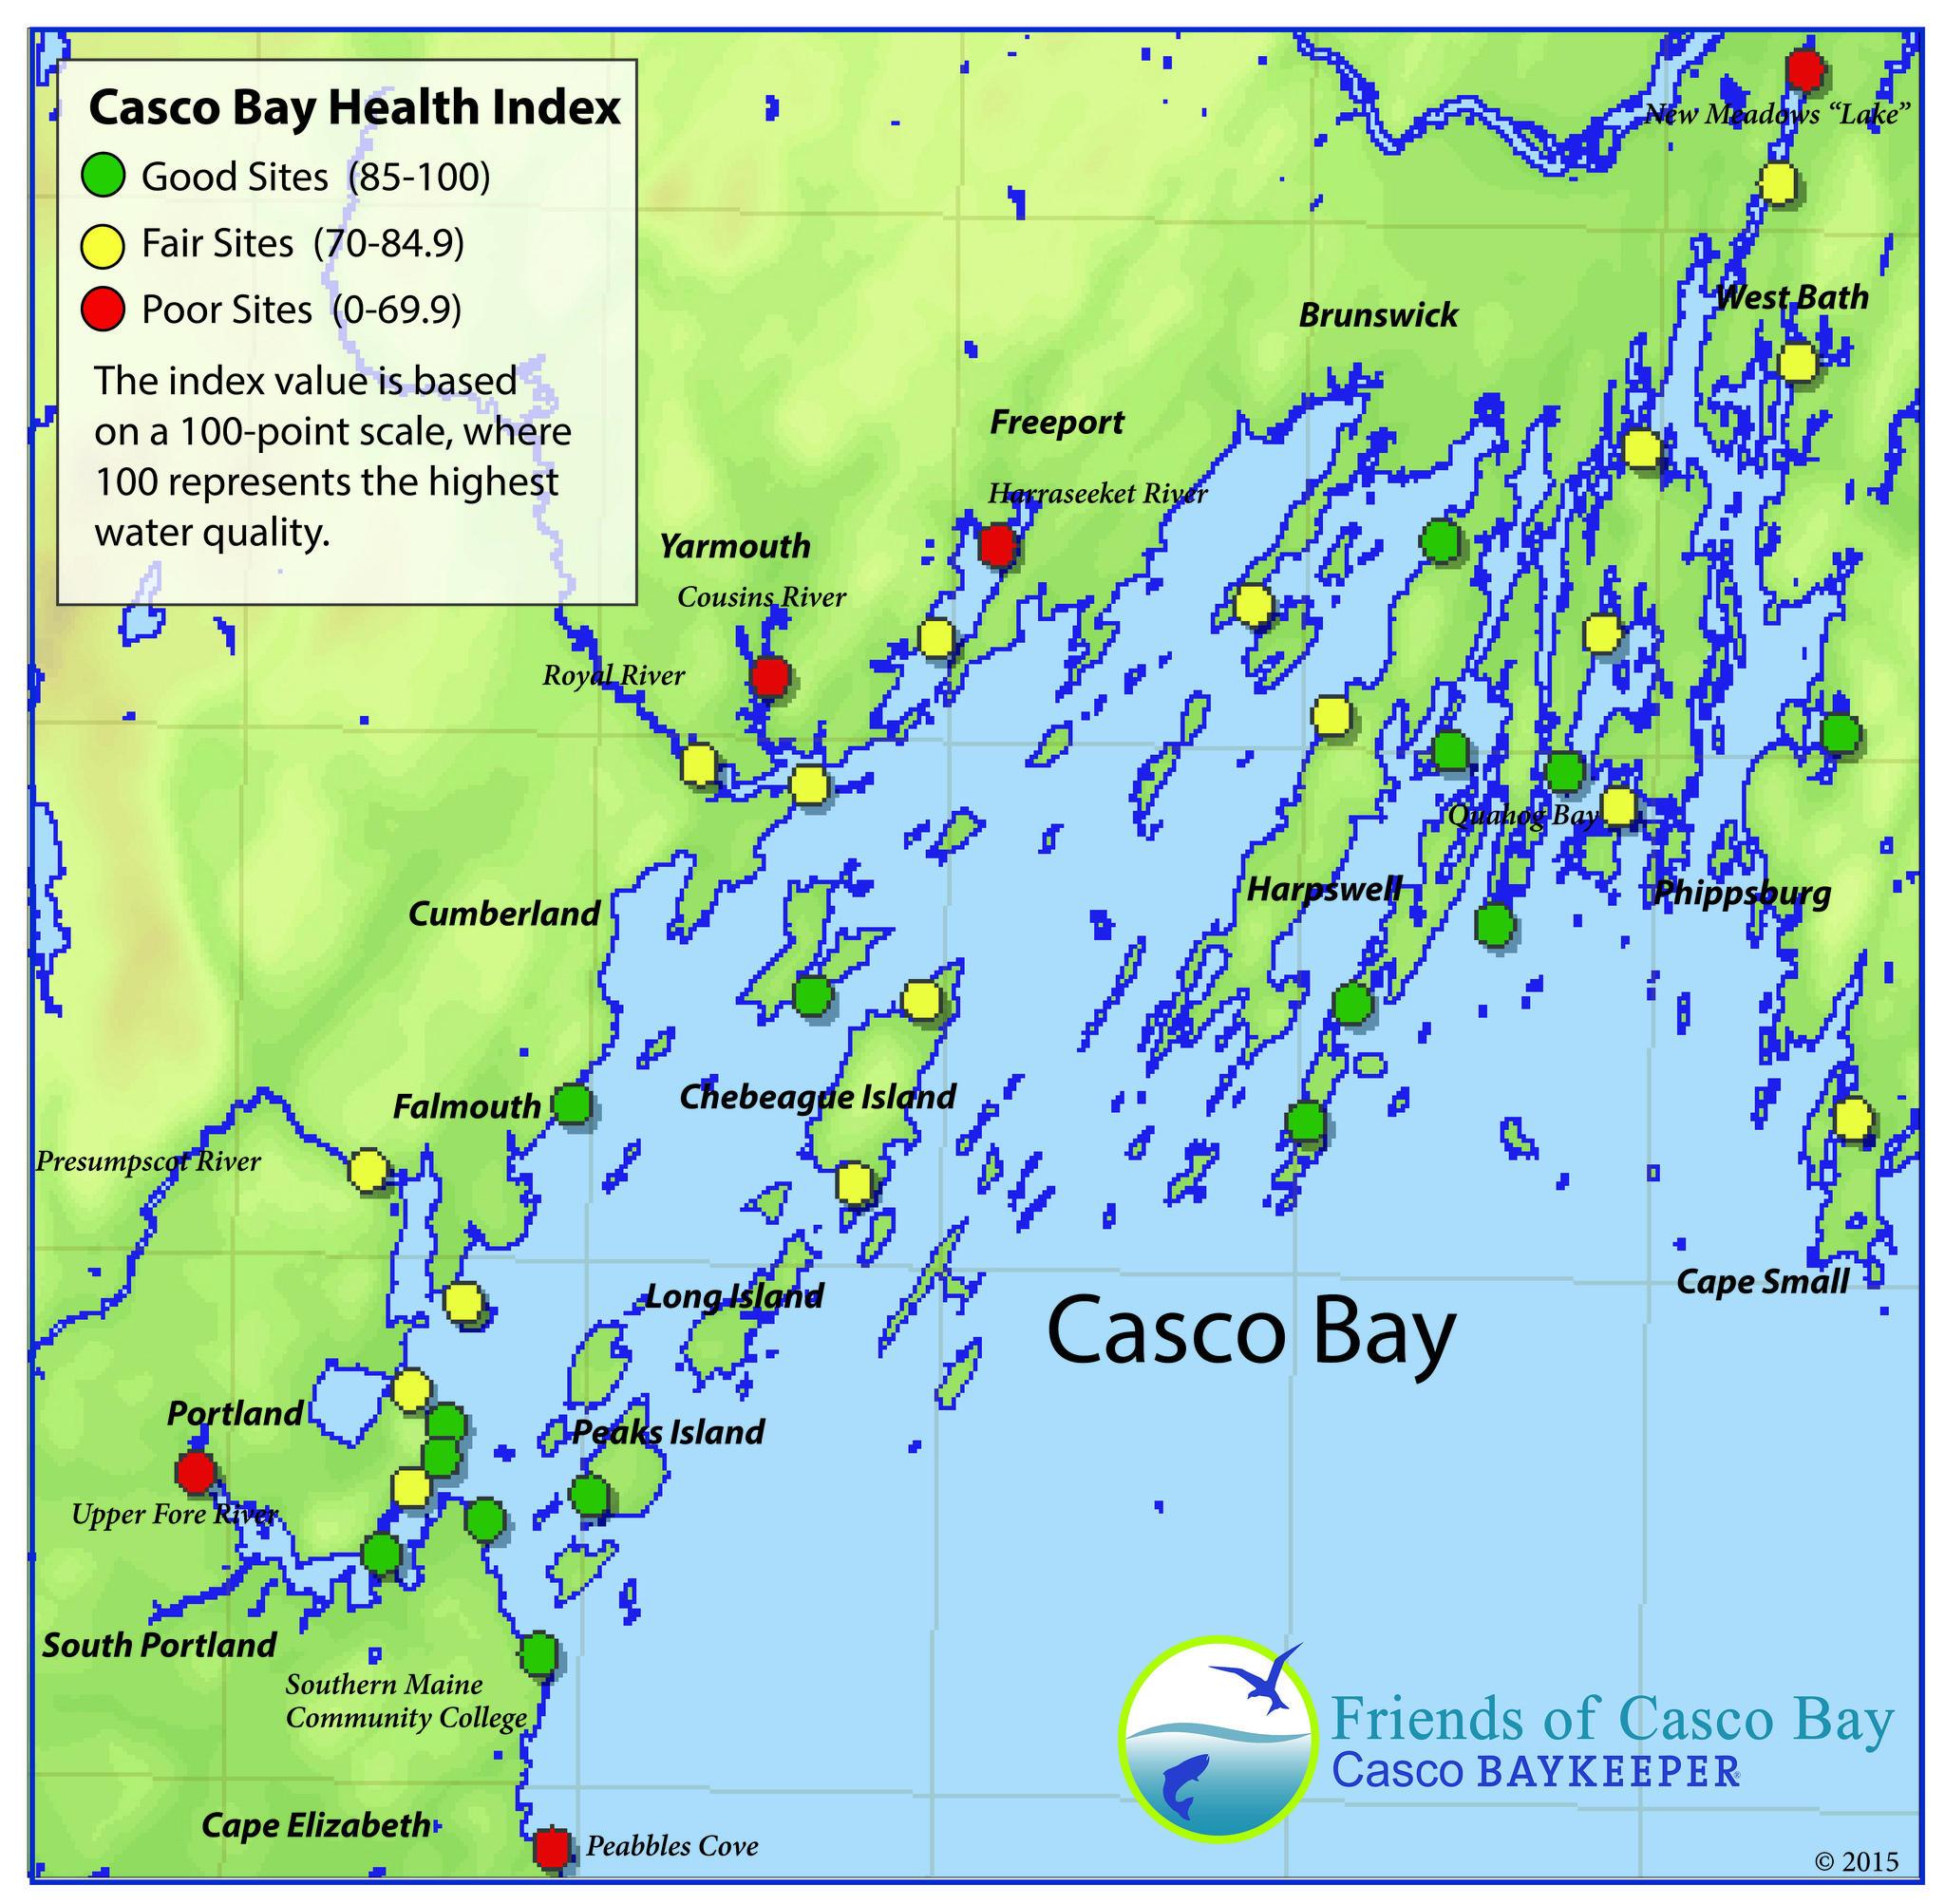 Beste Casco Bay Rahmen Ideen - Benutzerdefinierte Bilderrahmen Ideen ...